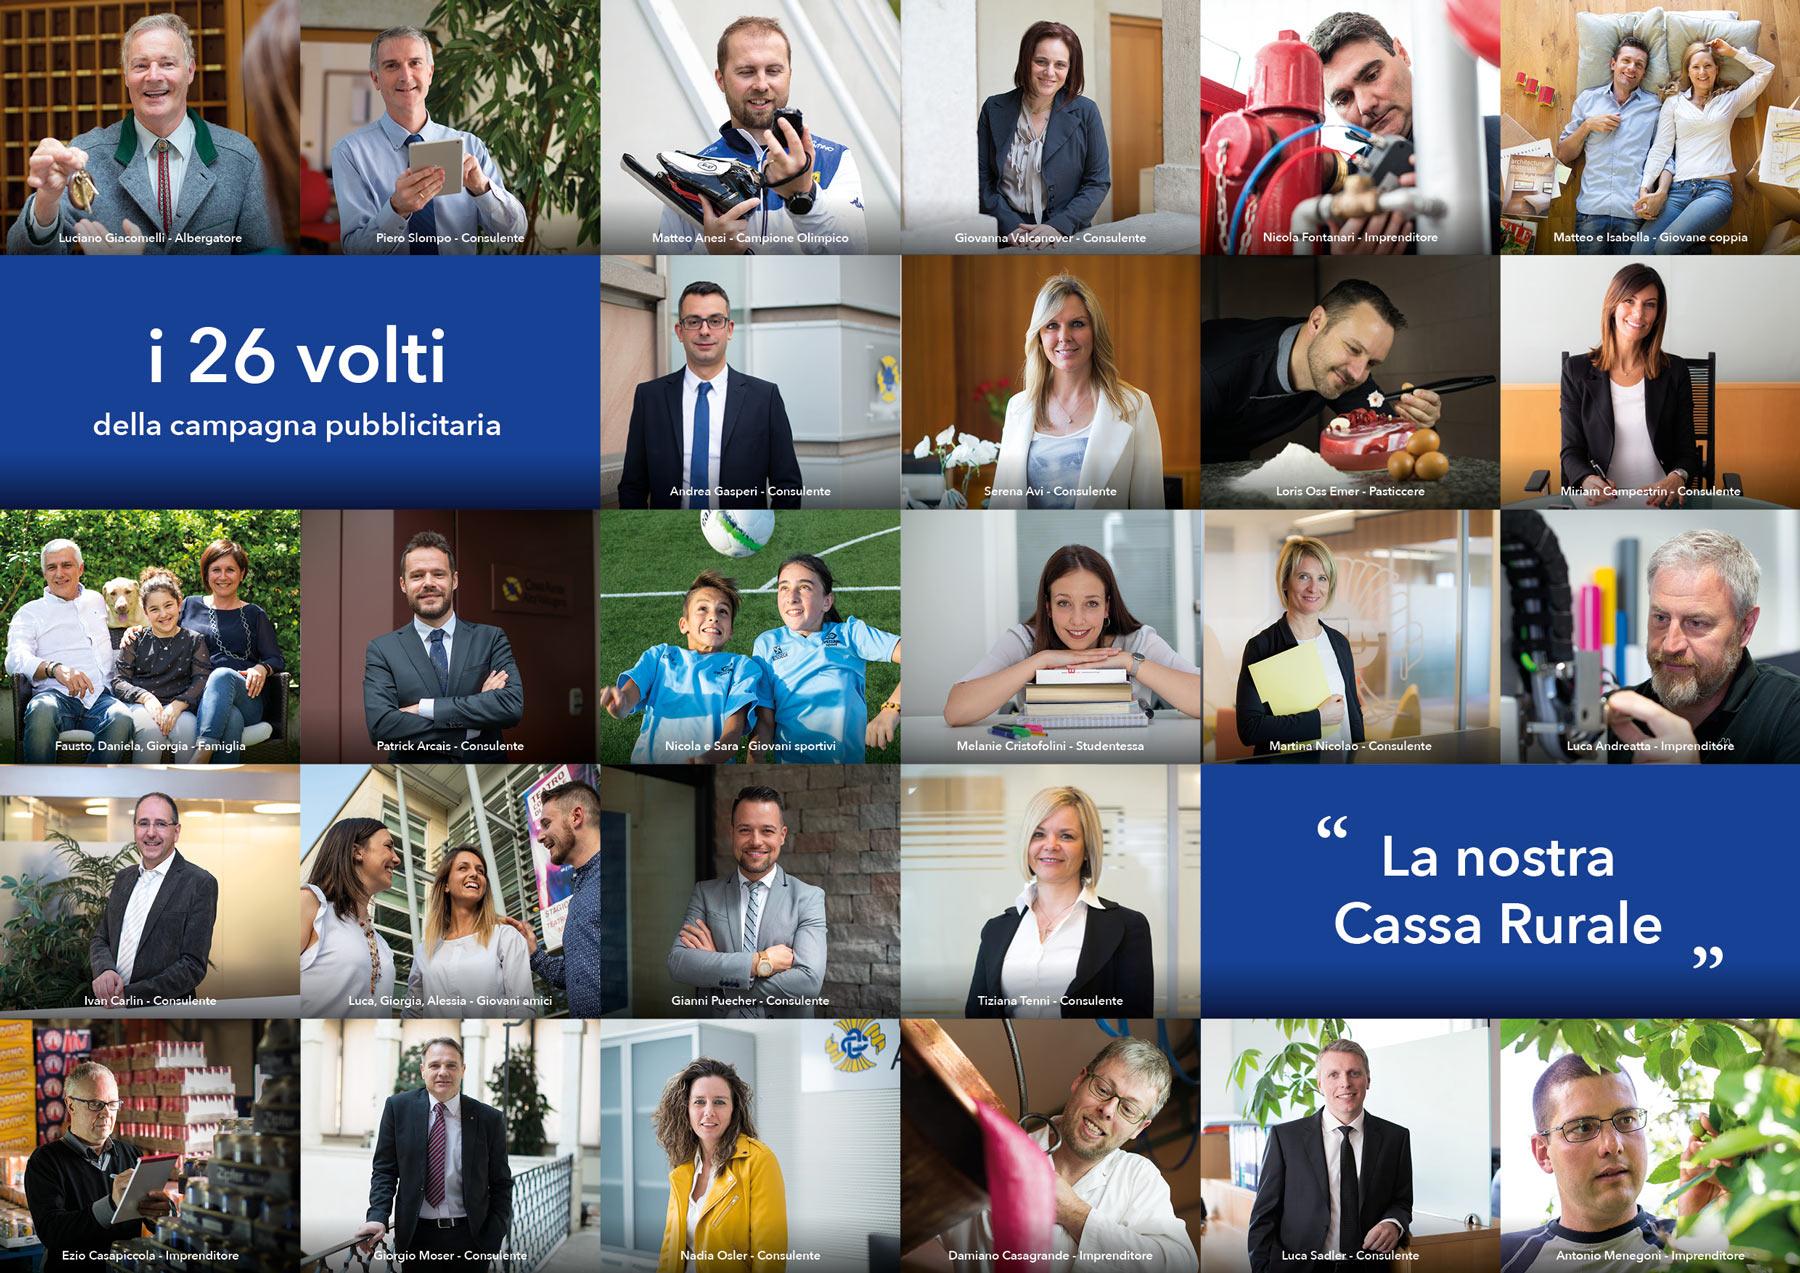 La-nostra-Cassa-Rurale_volti